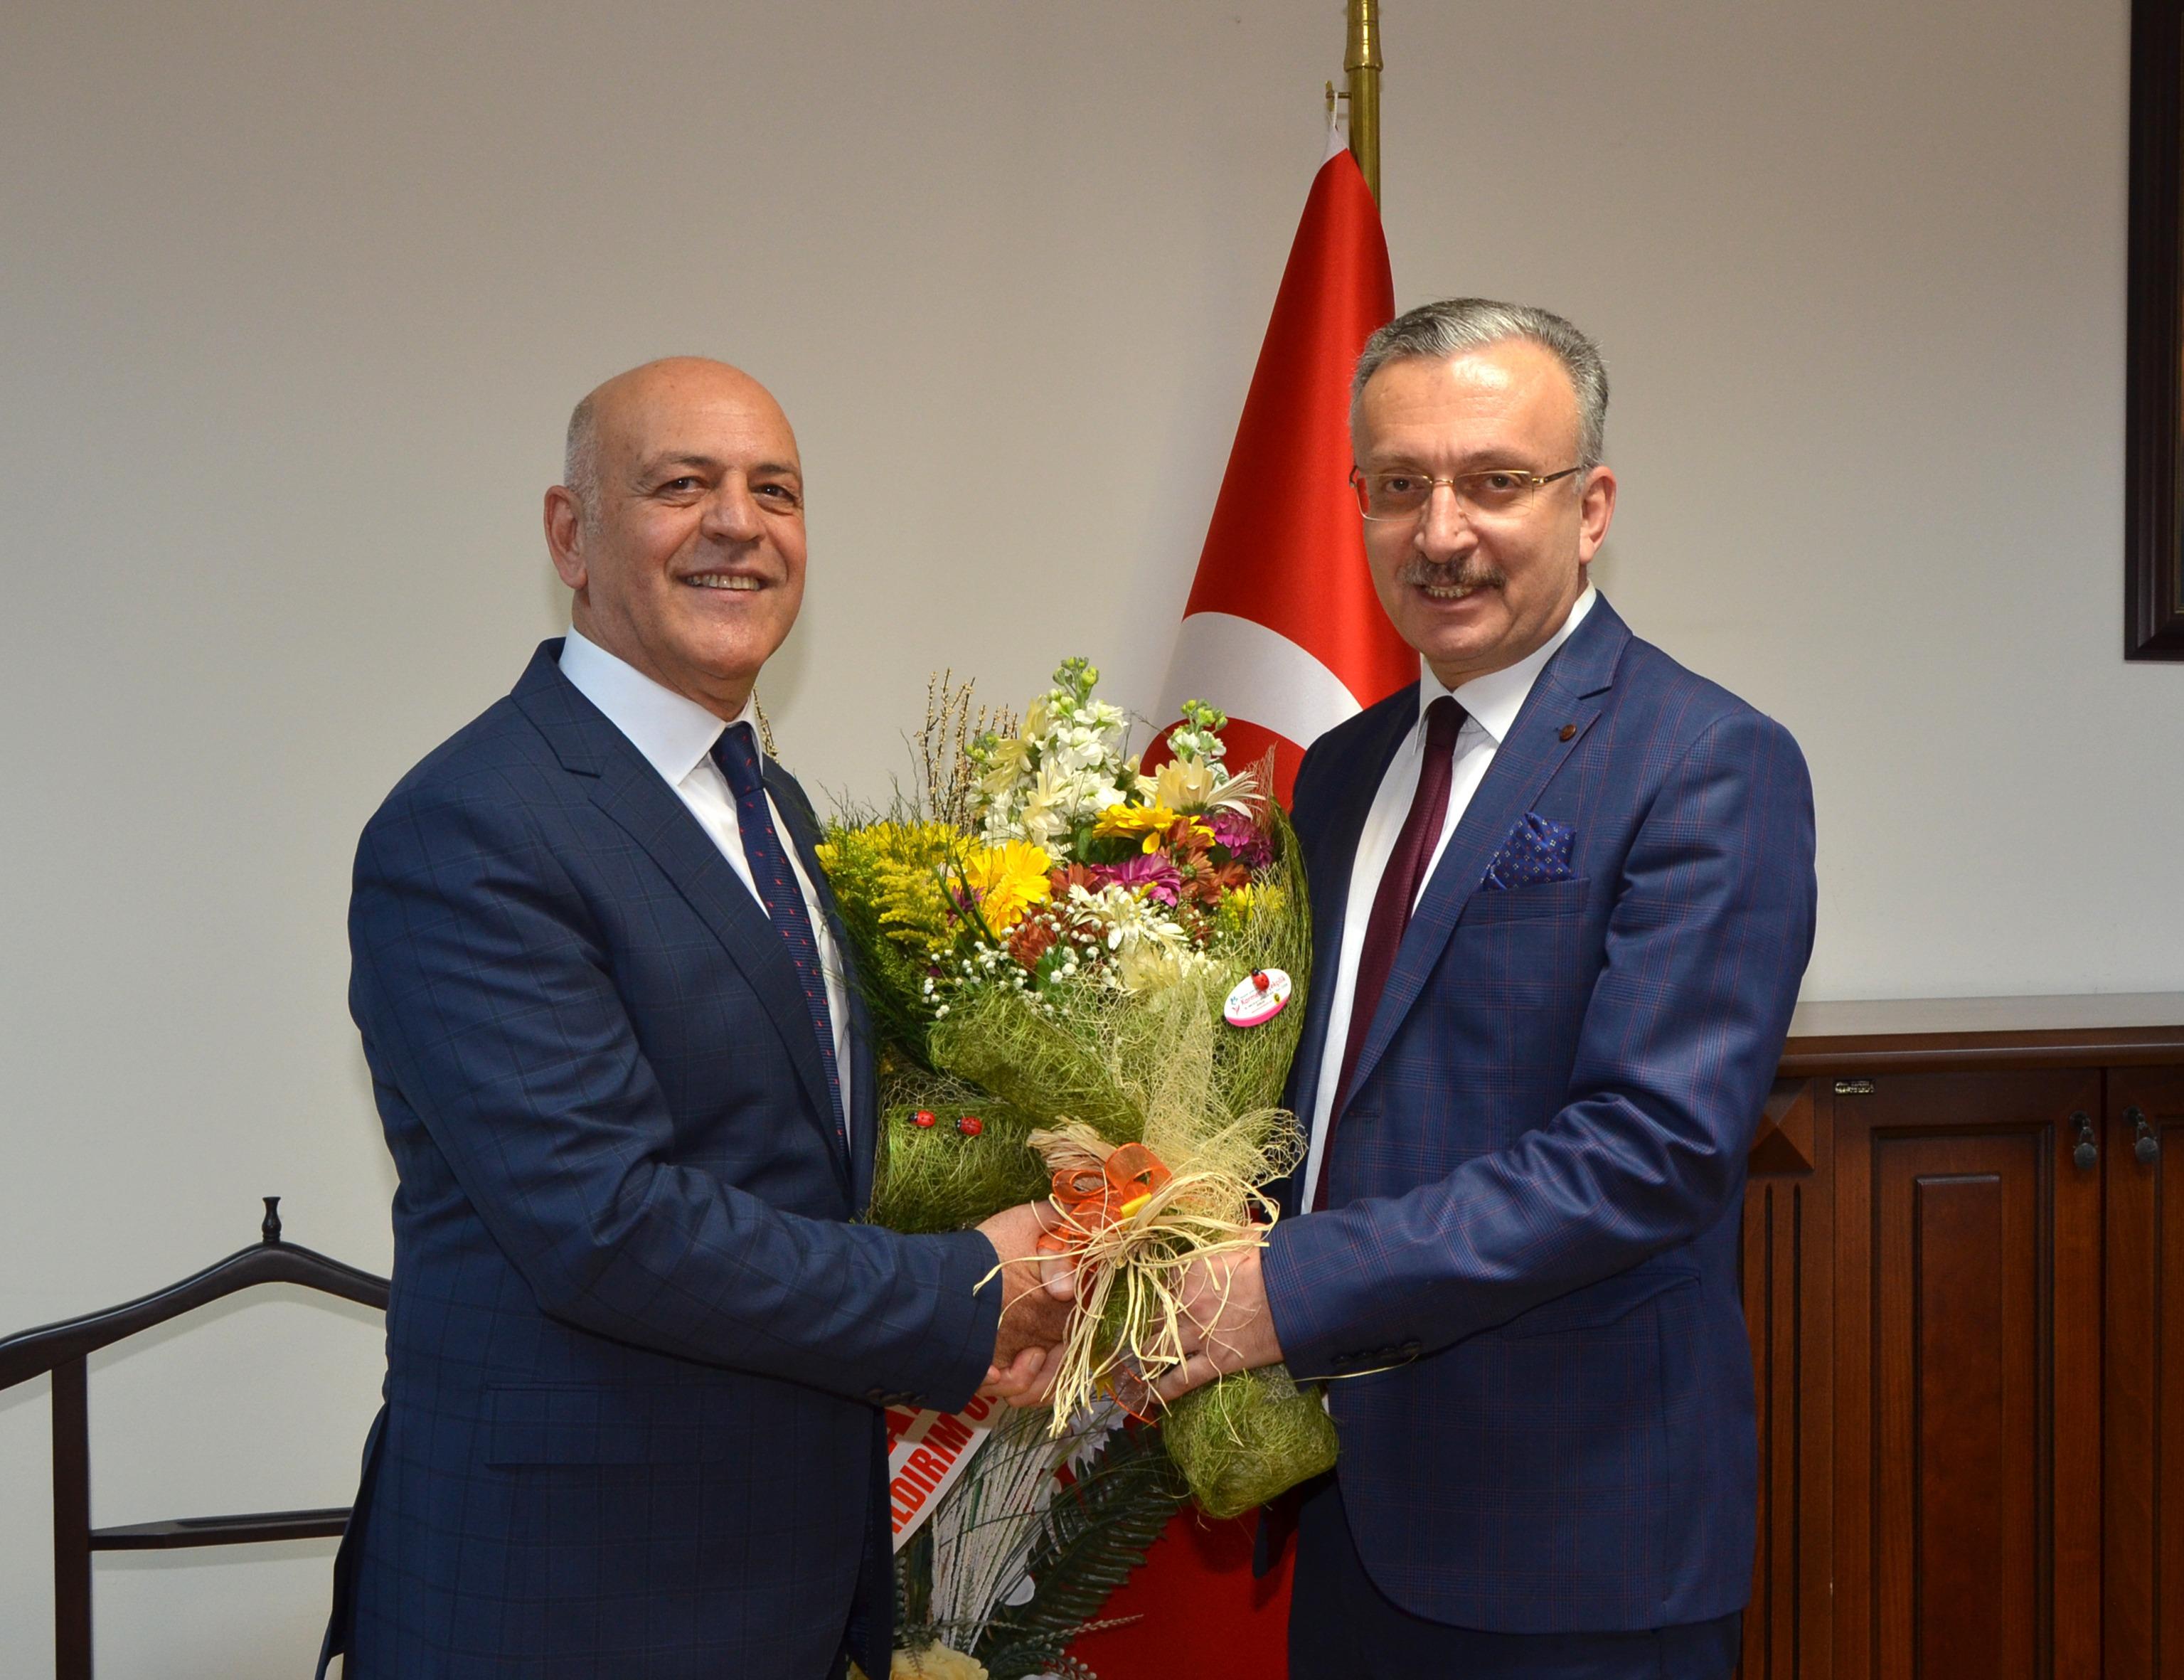 Üniversitemiz Rektör Yardımcılığına Prof. Dr. Ahmet Uğur Nalcıoğlu  atandı